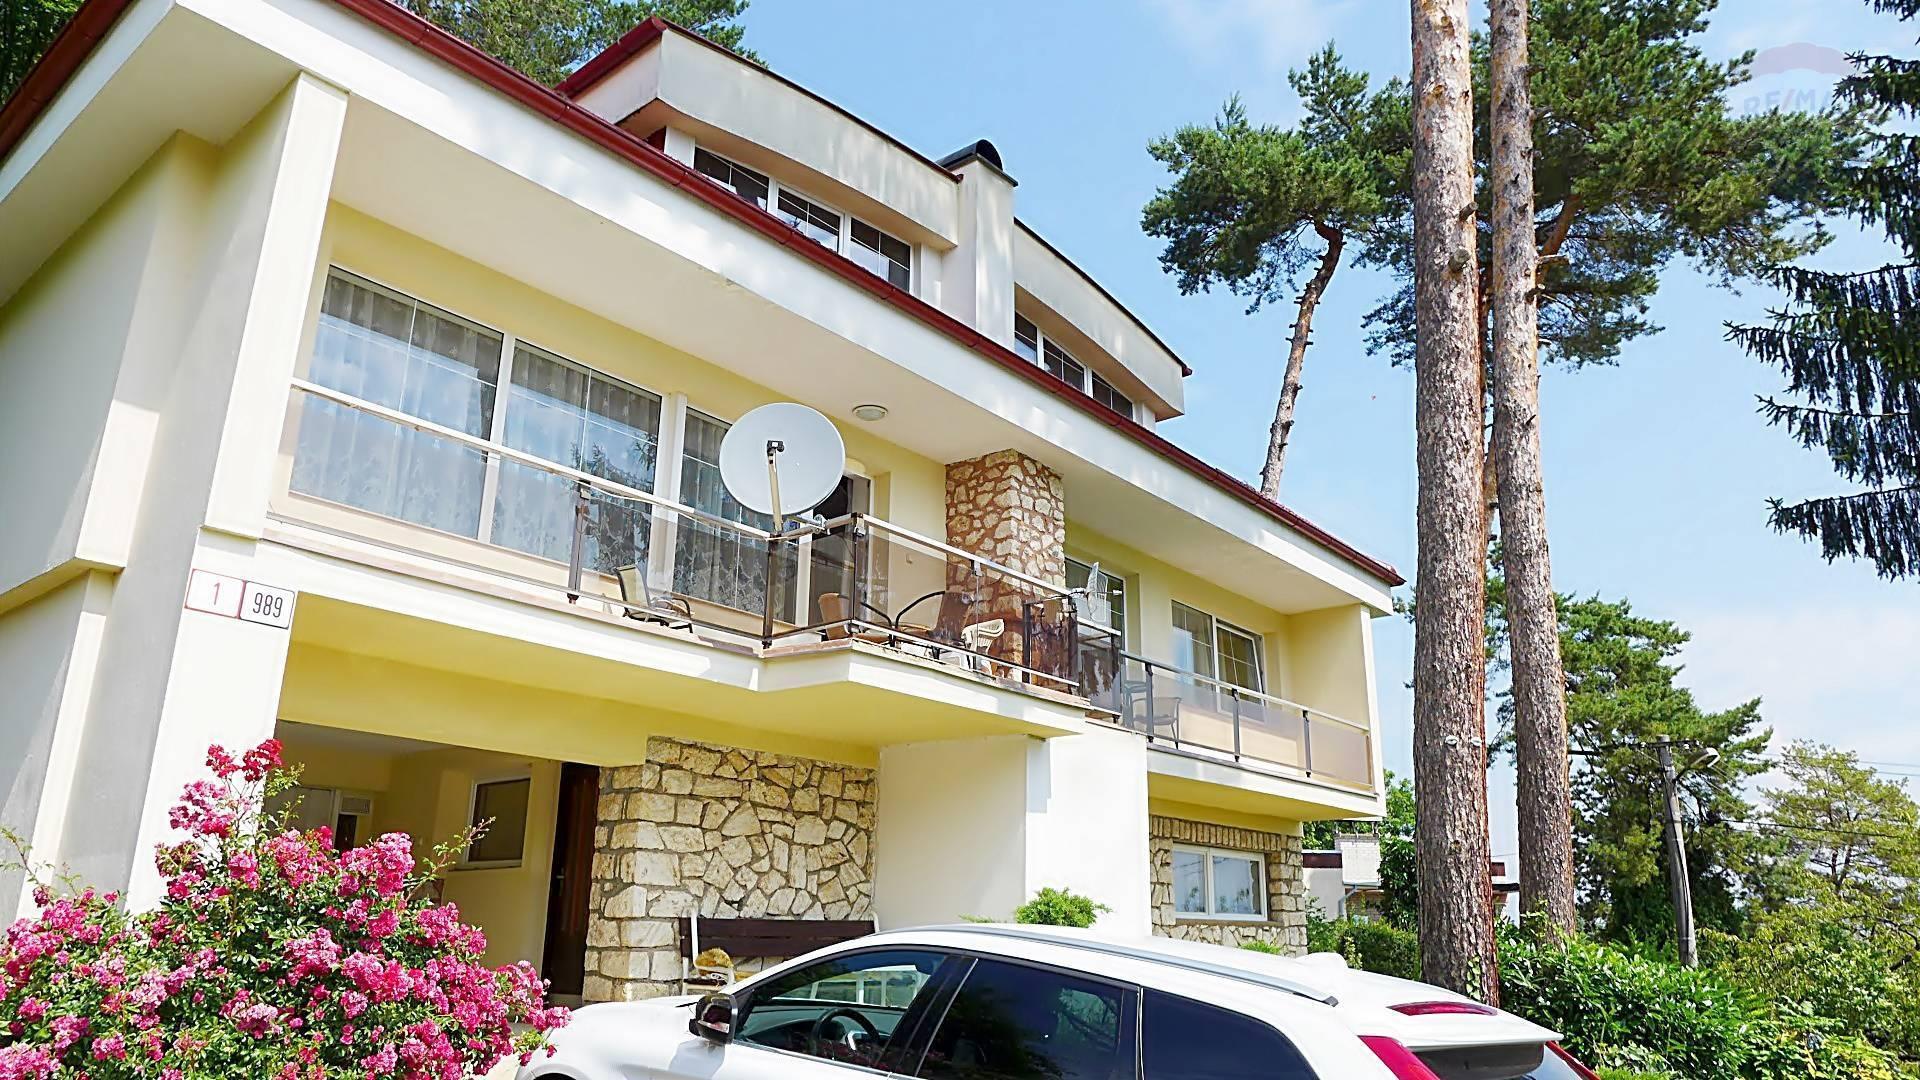 Rodinný dom - 8 izieb - možnosť 2 generačného bývania, parcela 400 m2 ul. Lesná - BOJNICE